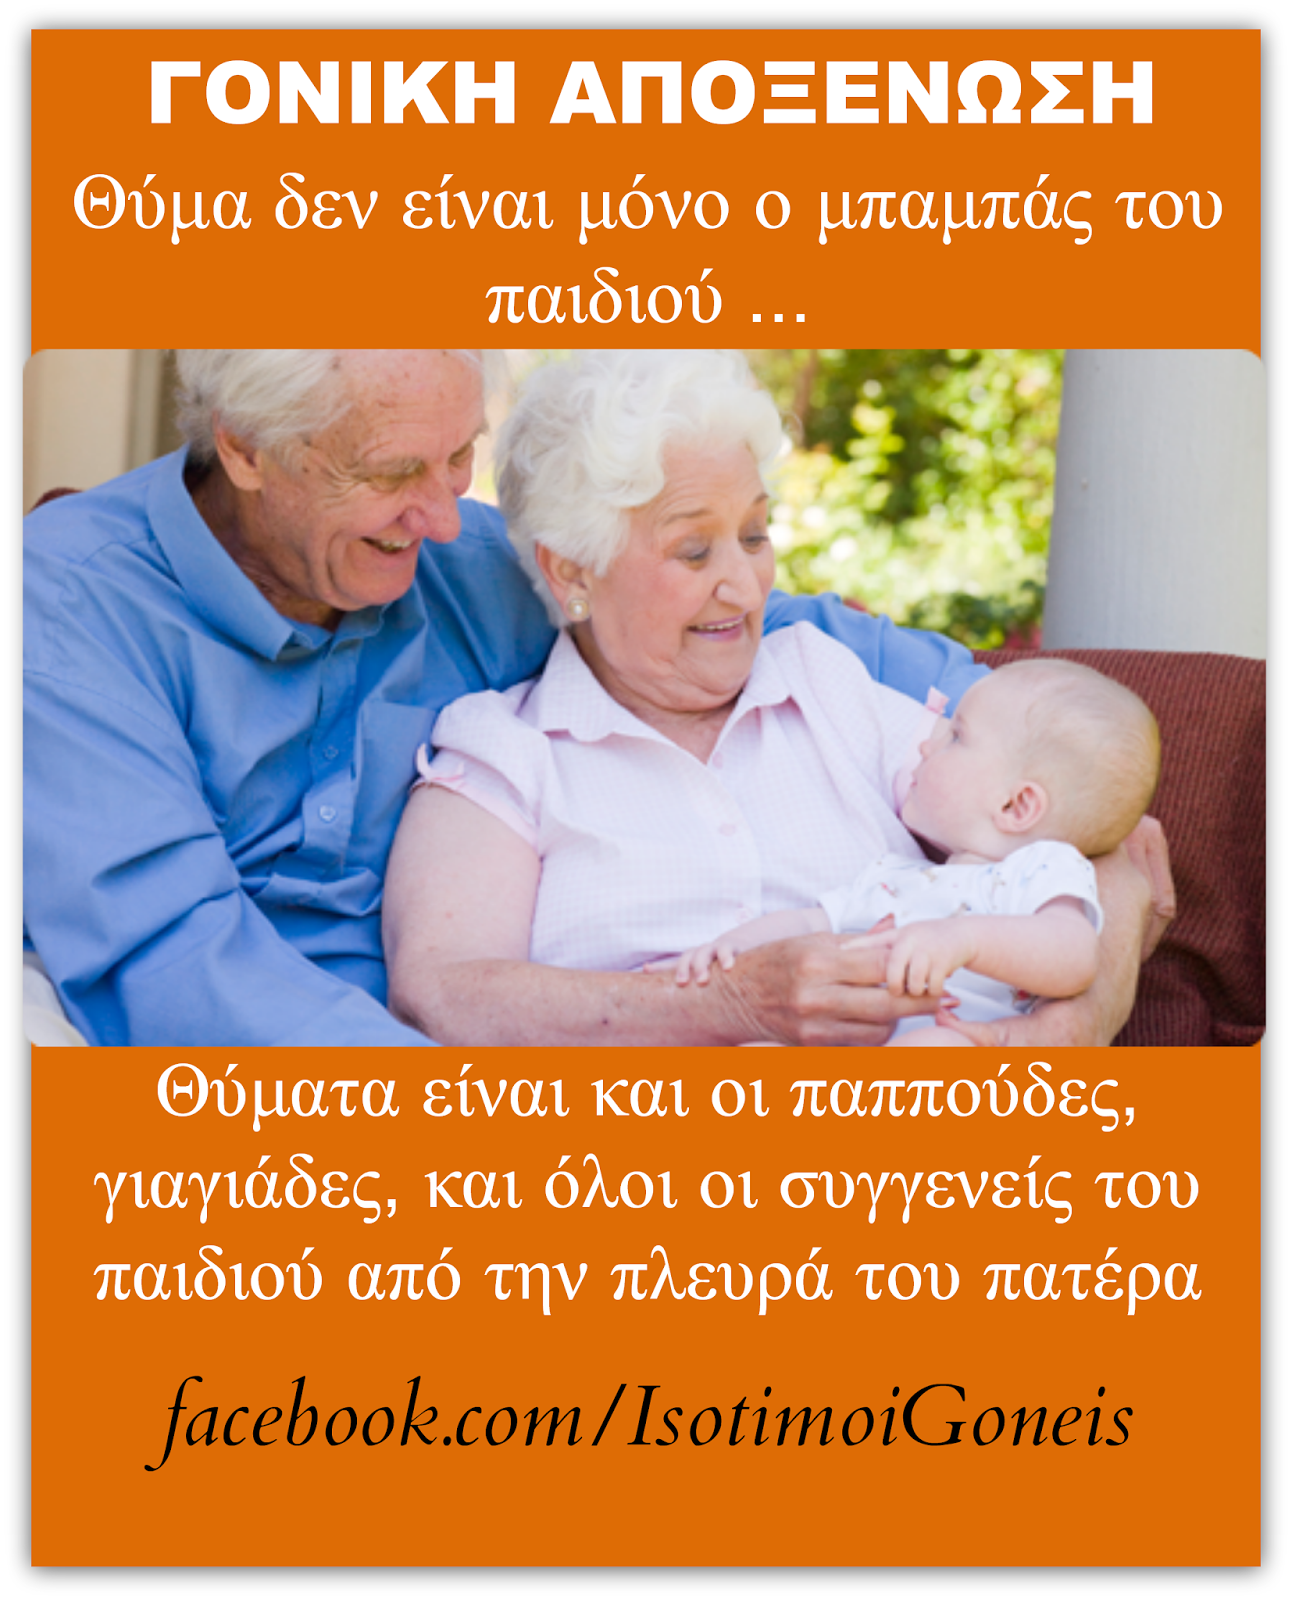 παππους, γιαγια, γονικη αποξενωση